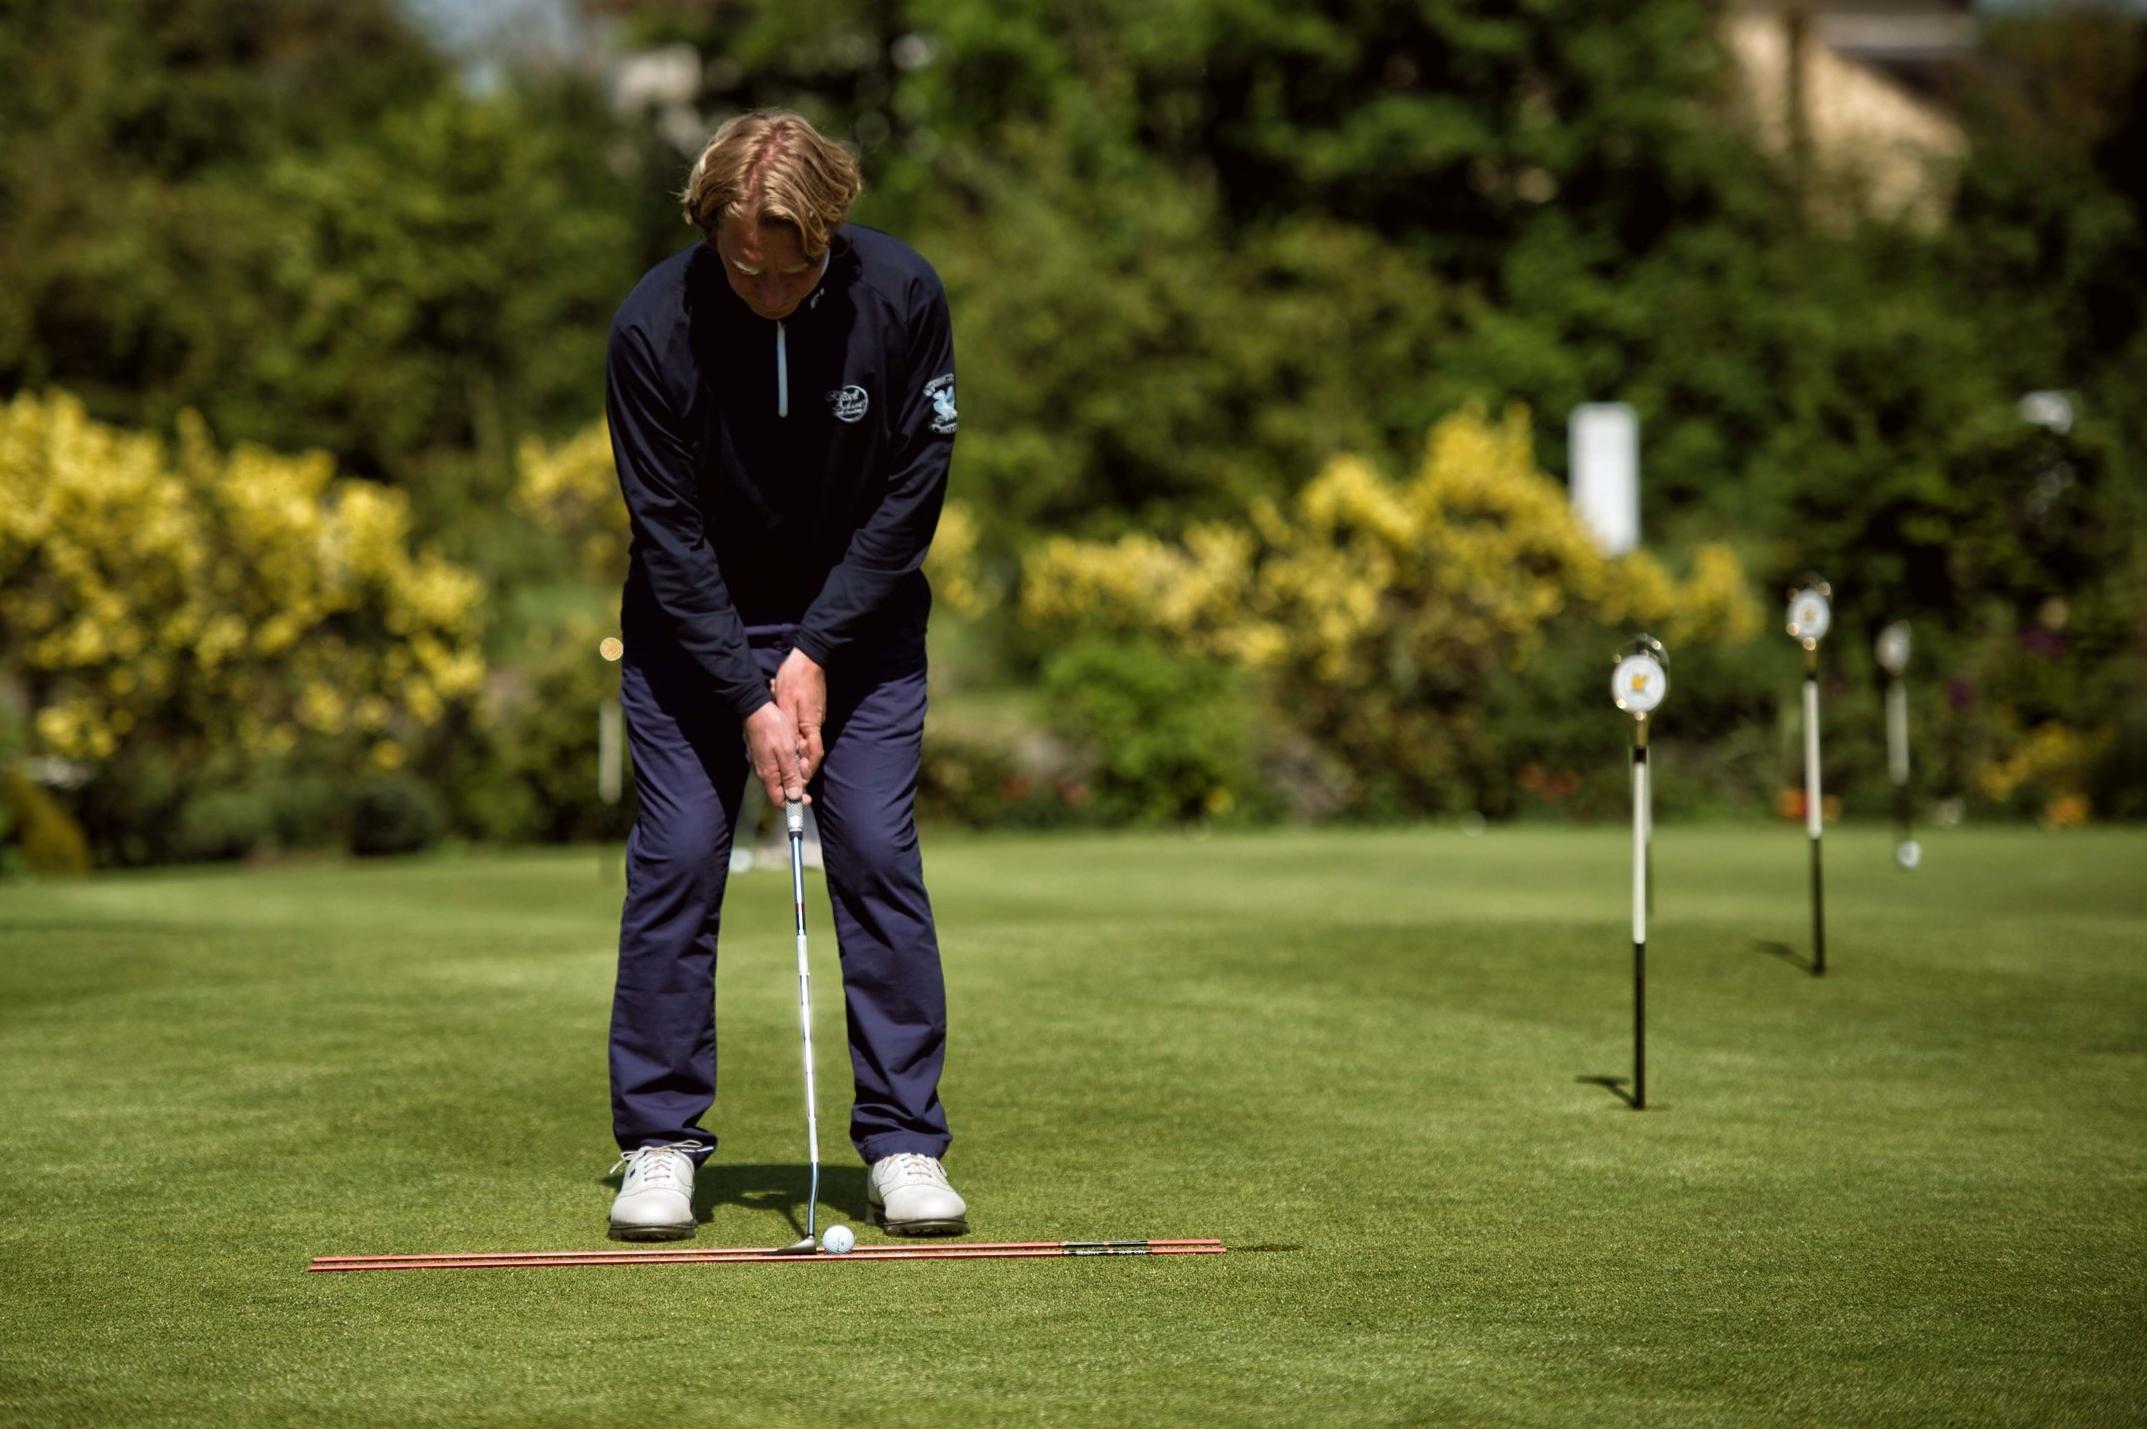 Russ sequence AT Golf Photos-36.jpg